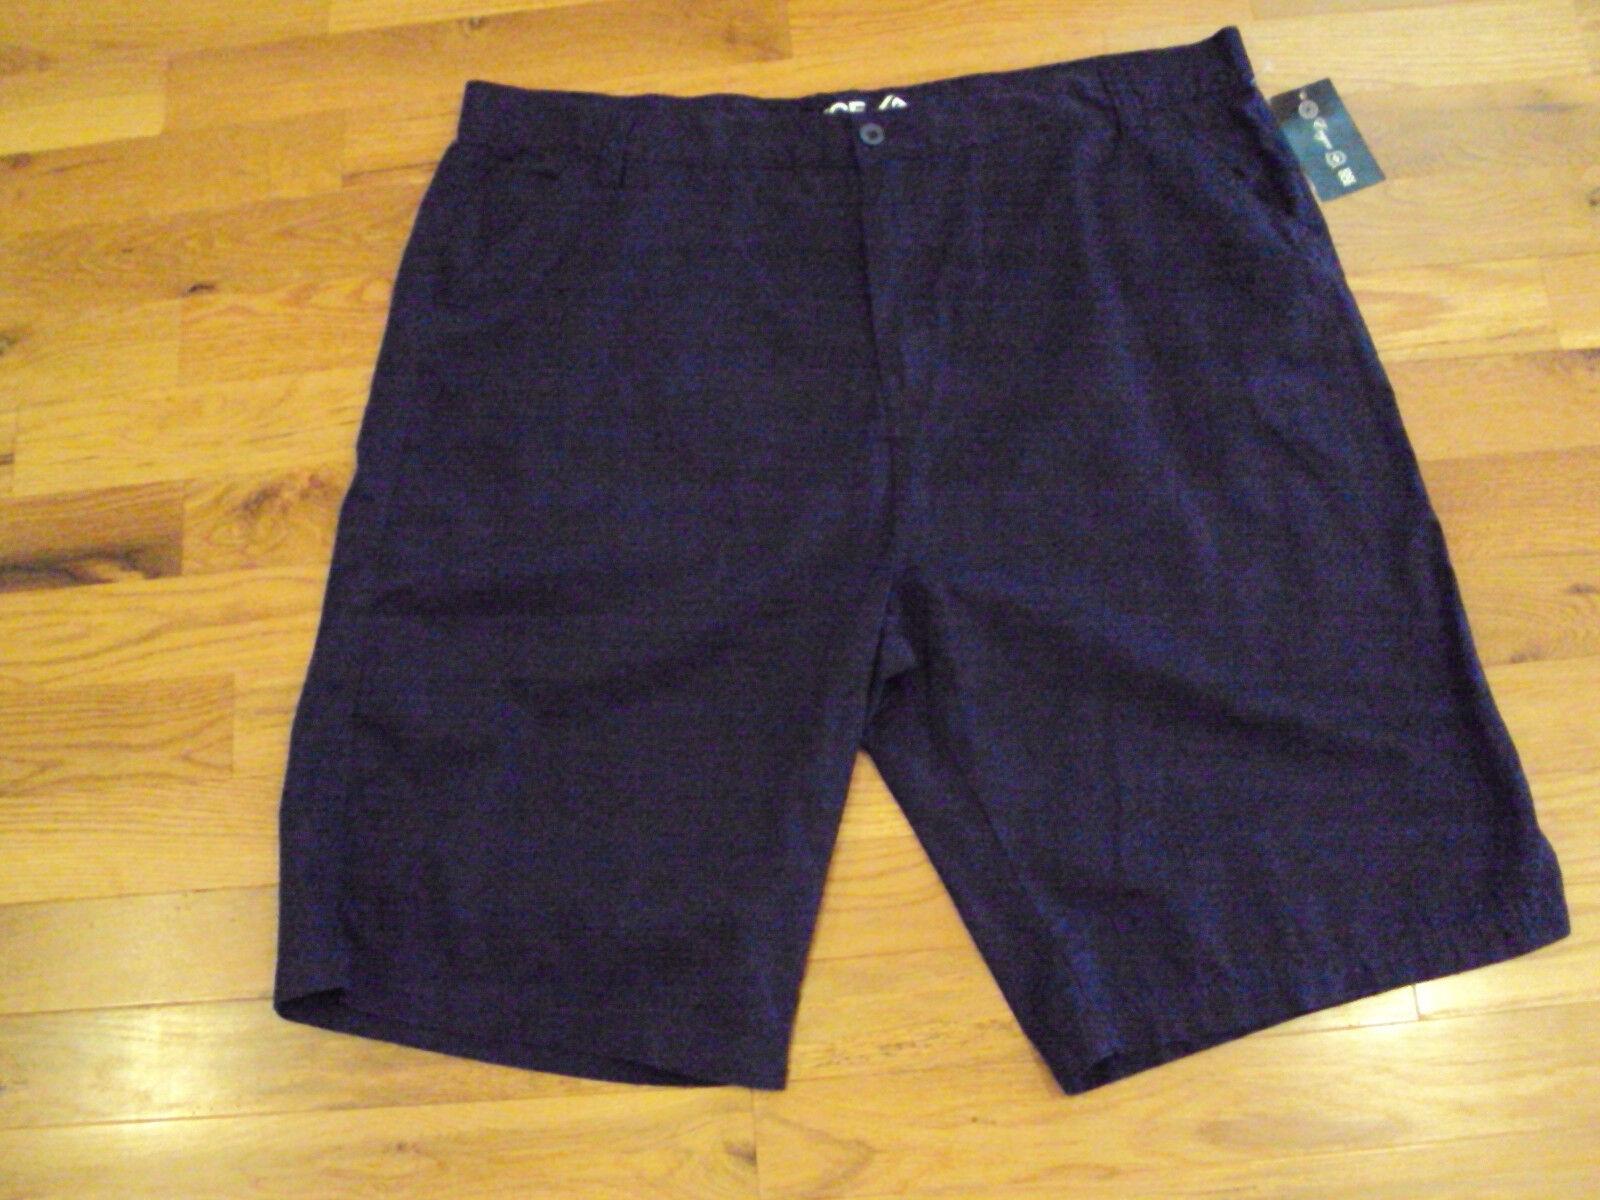 NWT Enyce Sean Combs Navy bluee Shorts Mens 50